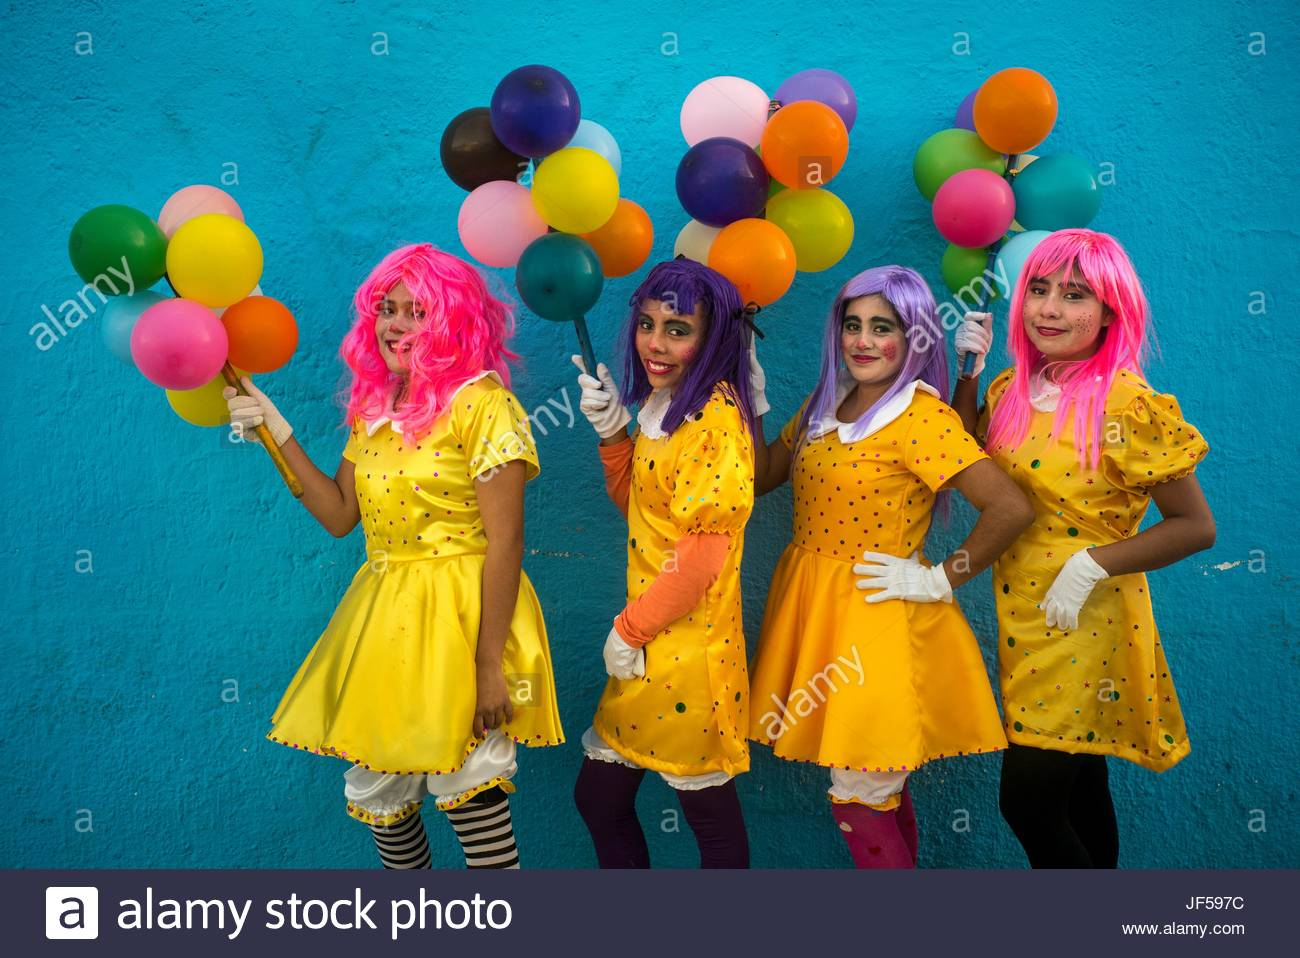 Des femmes habillées en costumes et perruques ballons tenir pendant le Jour des morts célébrations. Photo Stock